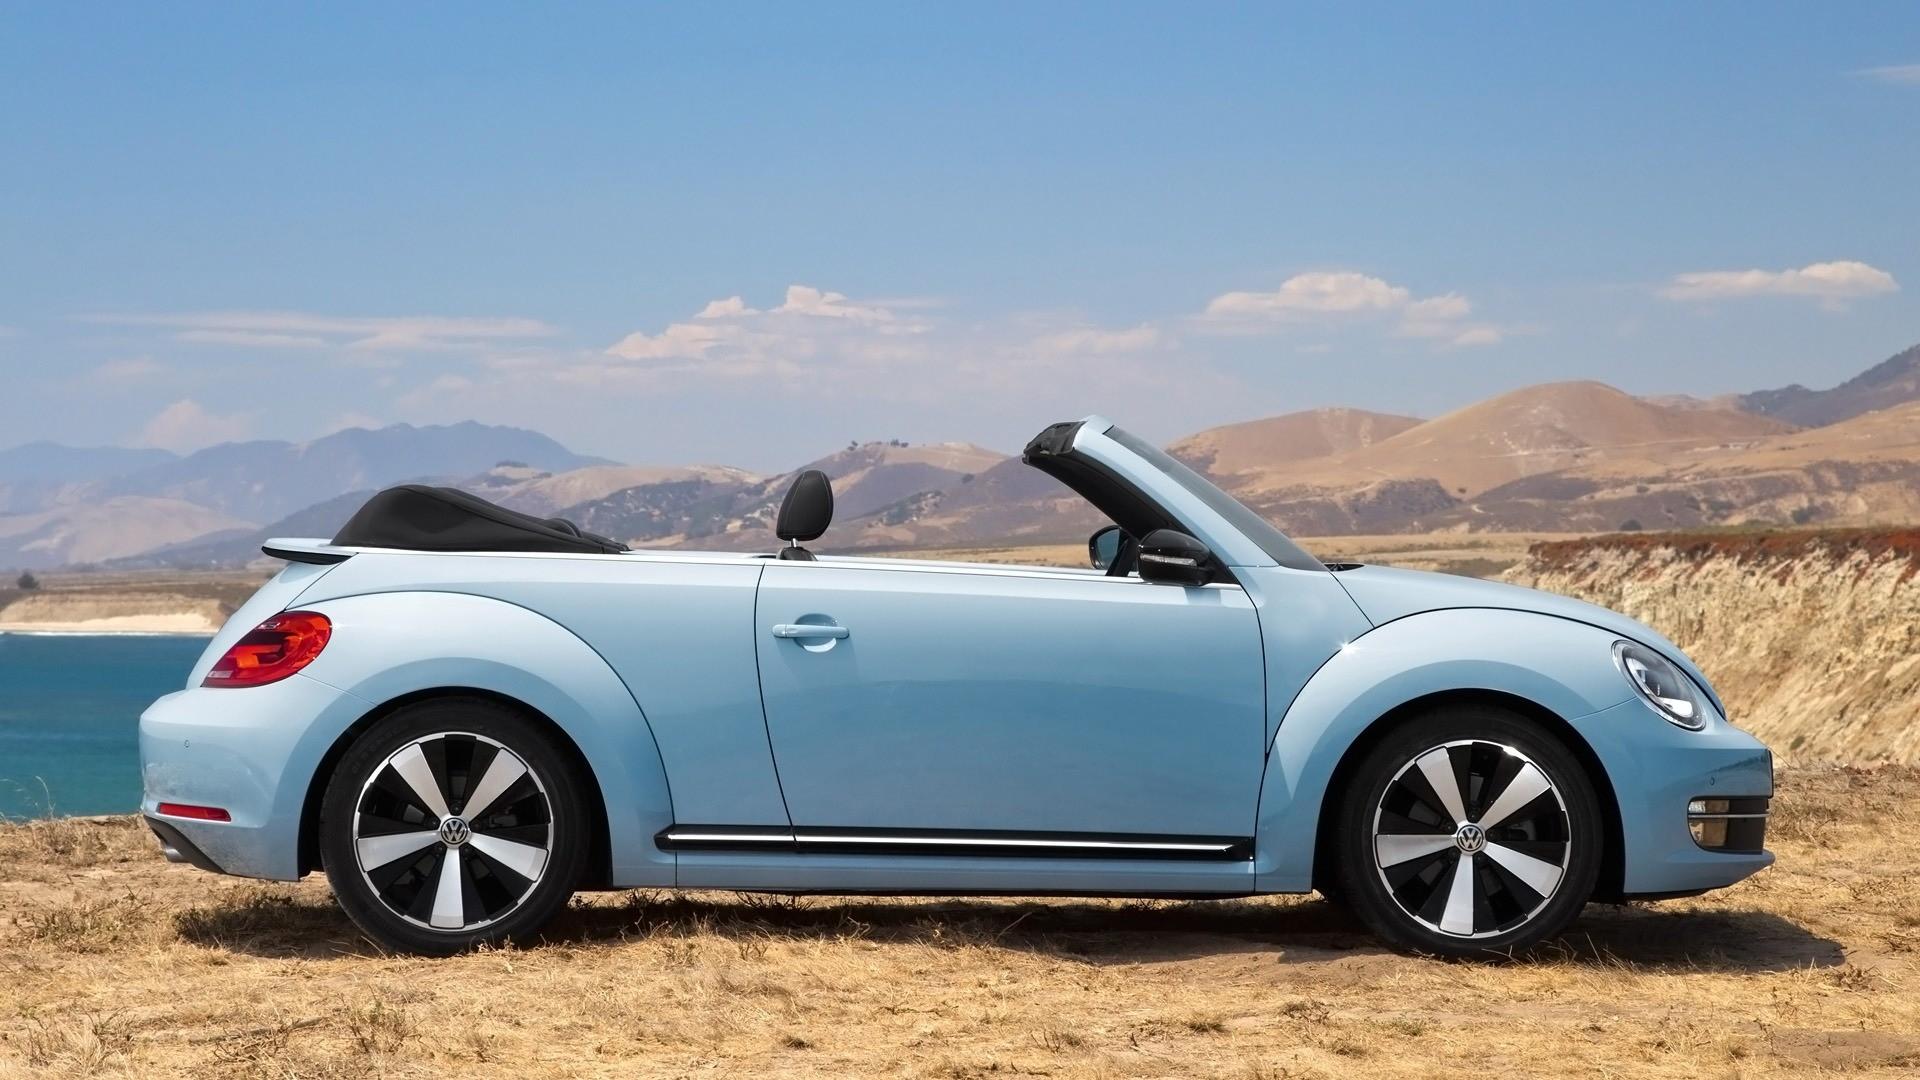 Volkswagen Beetle Convertible Car HD Wallpaper